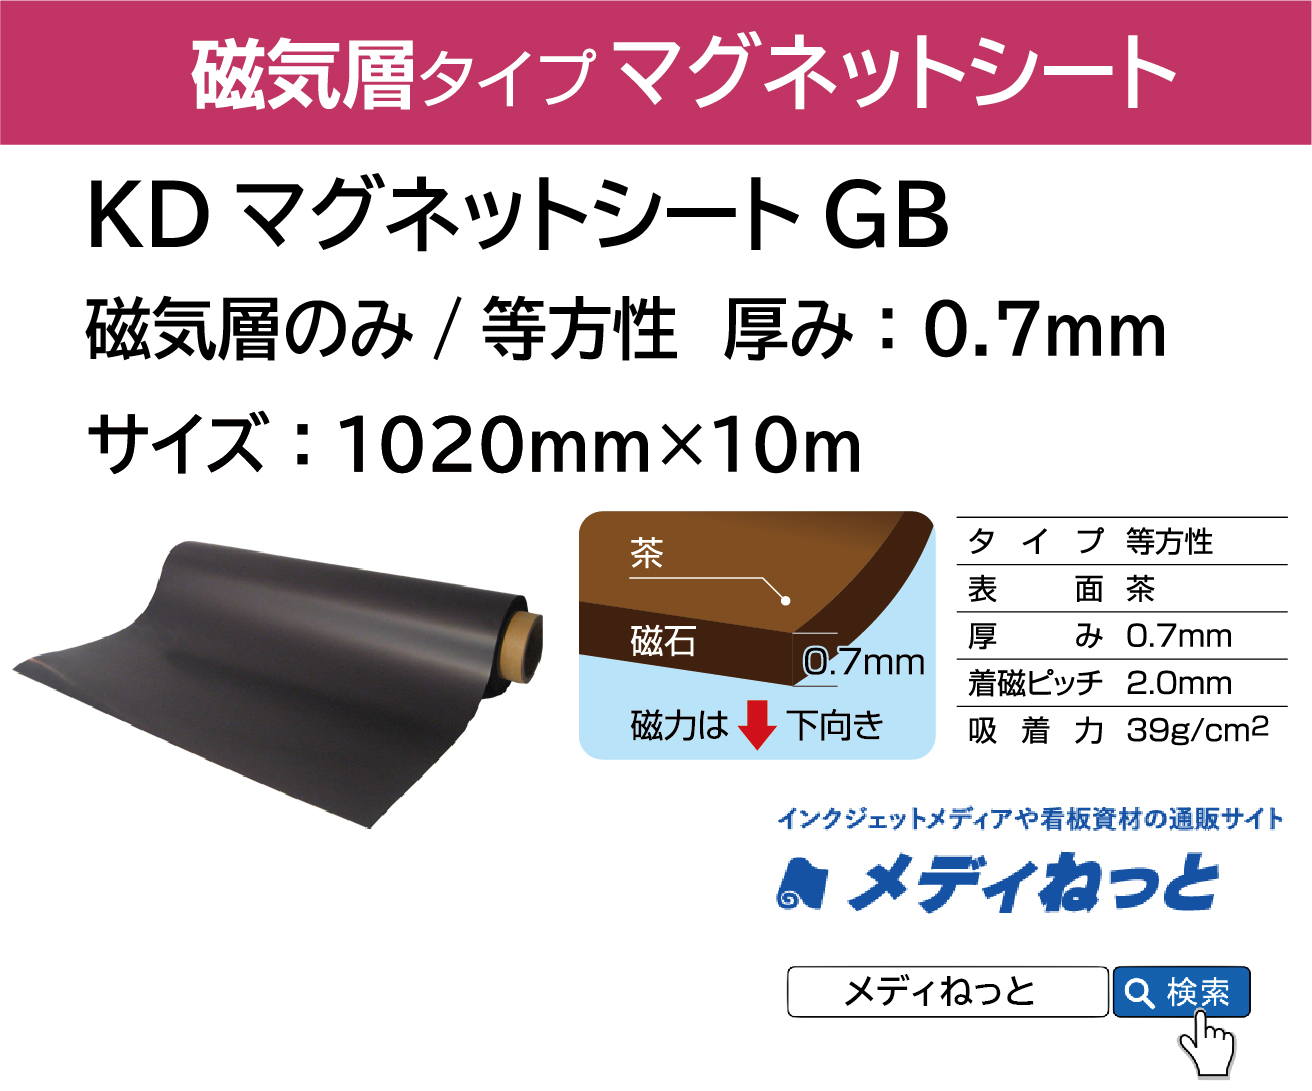 【9月14日~10月末までキャンペーン】KDマグネットシート(磁気層のみ/等方性) 厚み:0.7mm/サイズ:1020mm×10mm